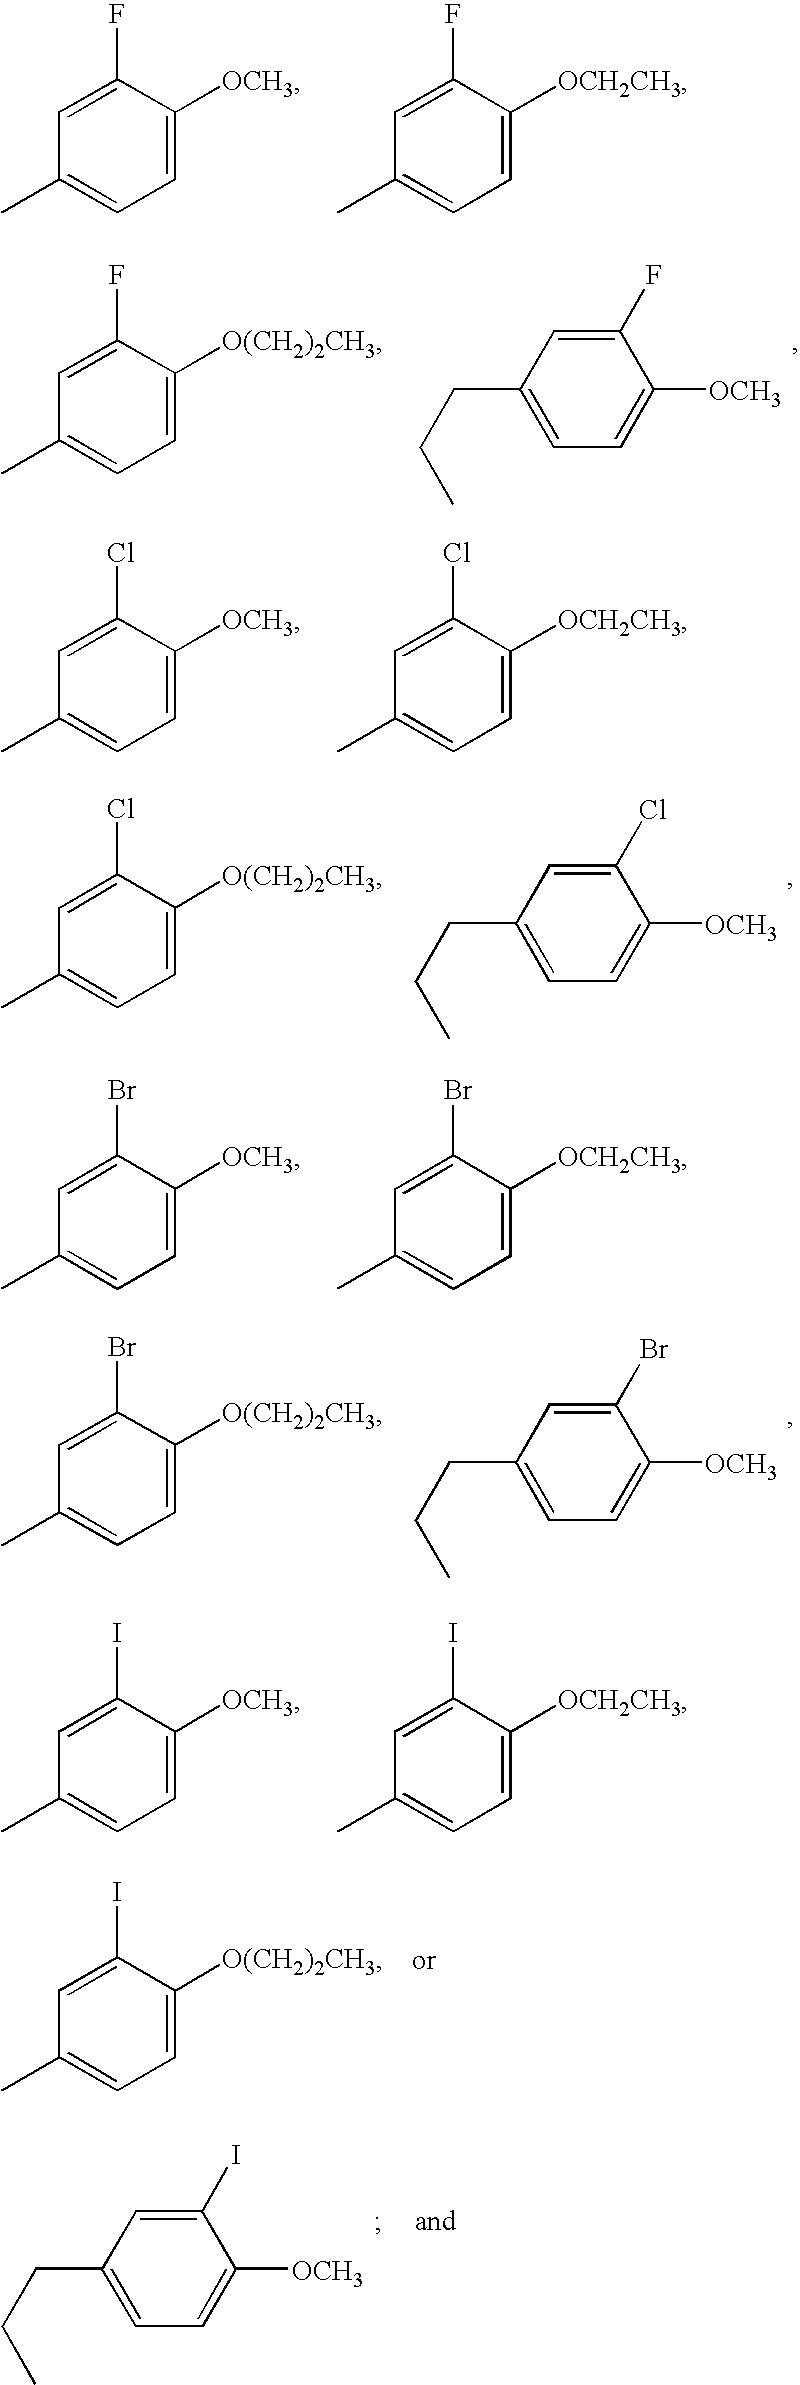 Figure US20050113341A1-20050526-C00072